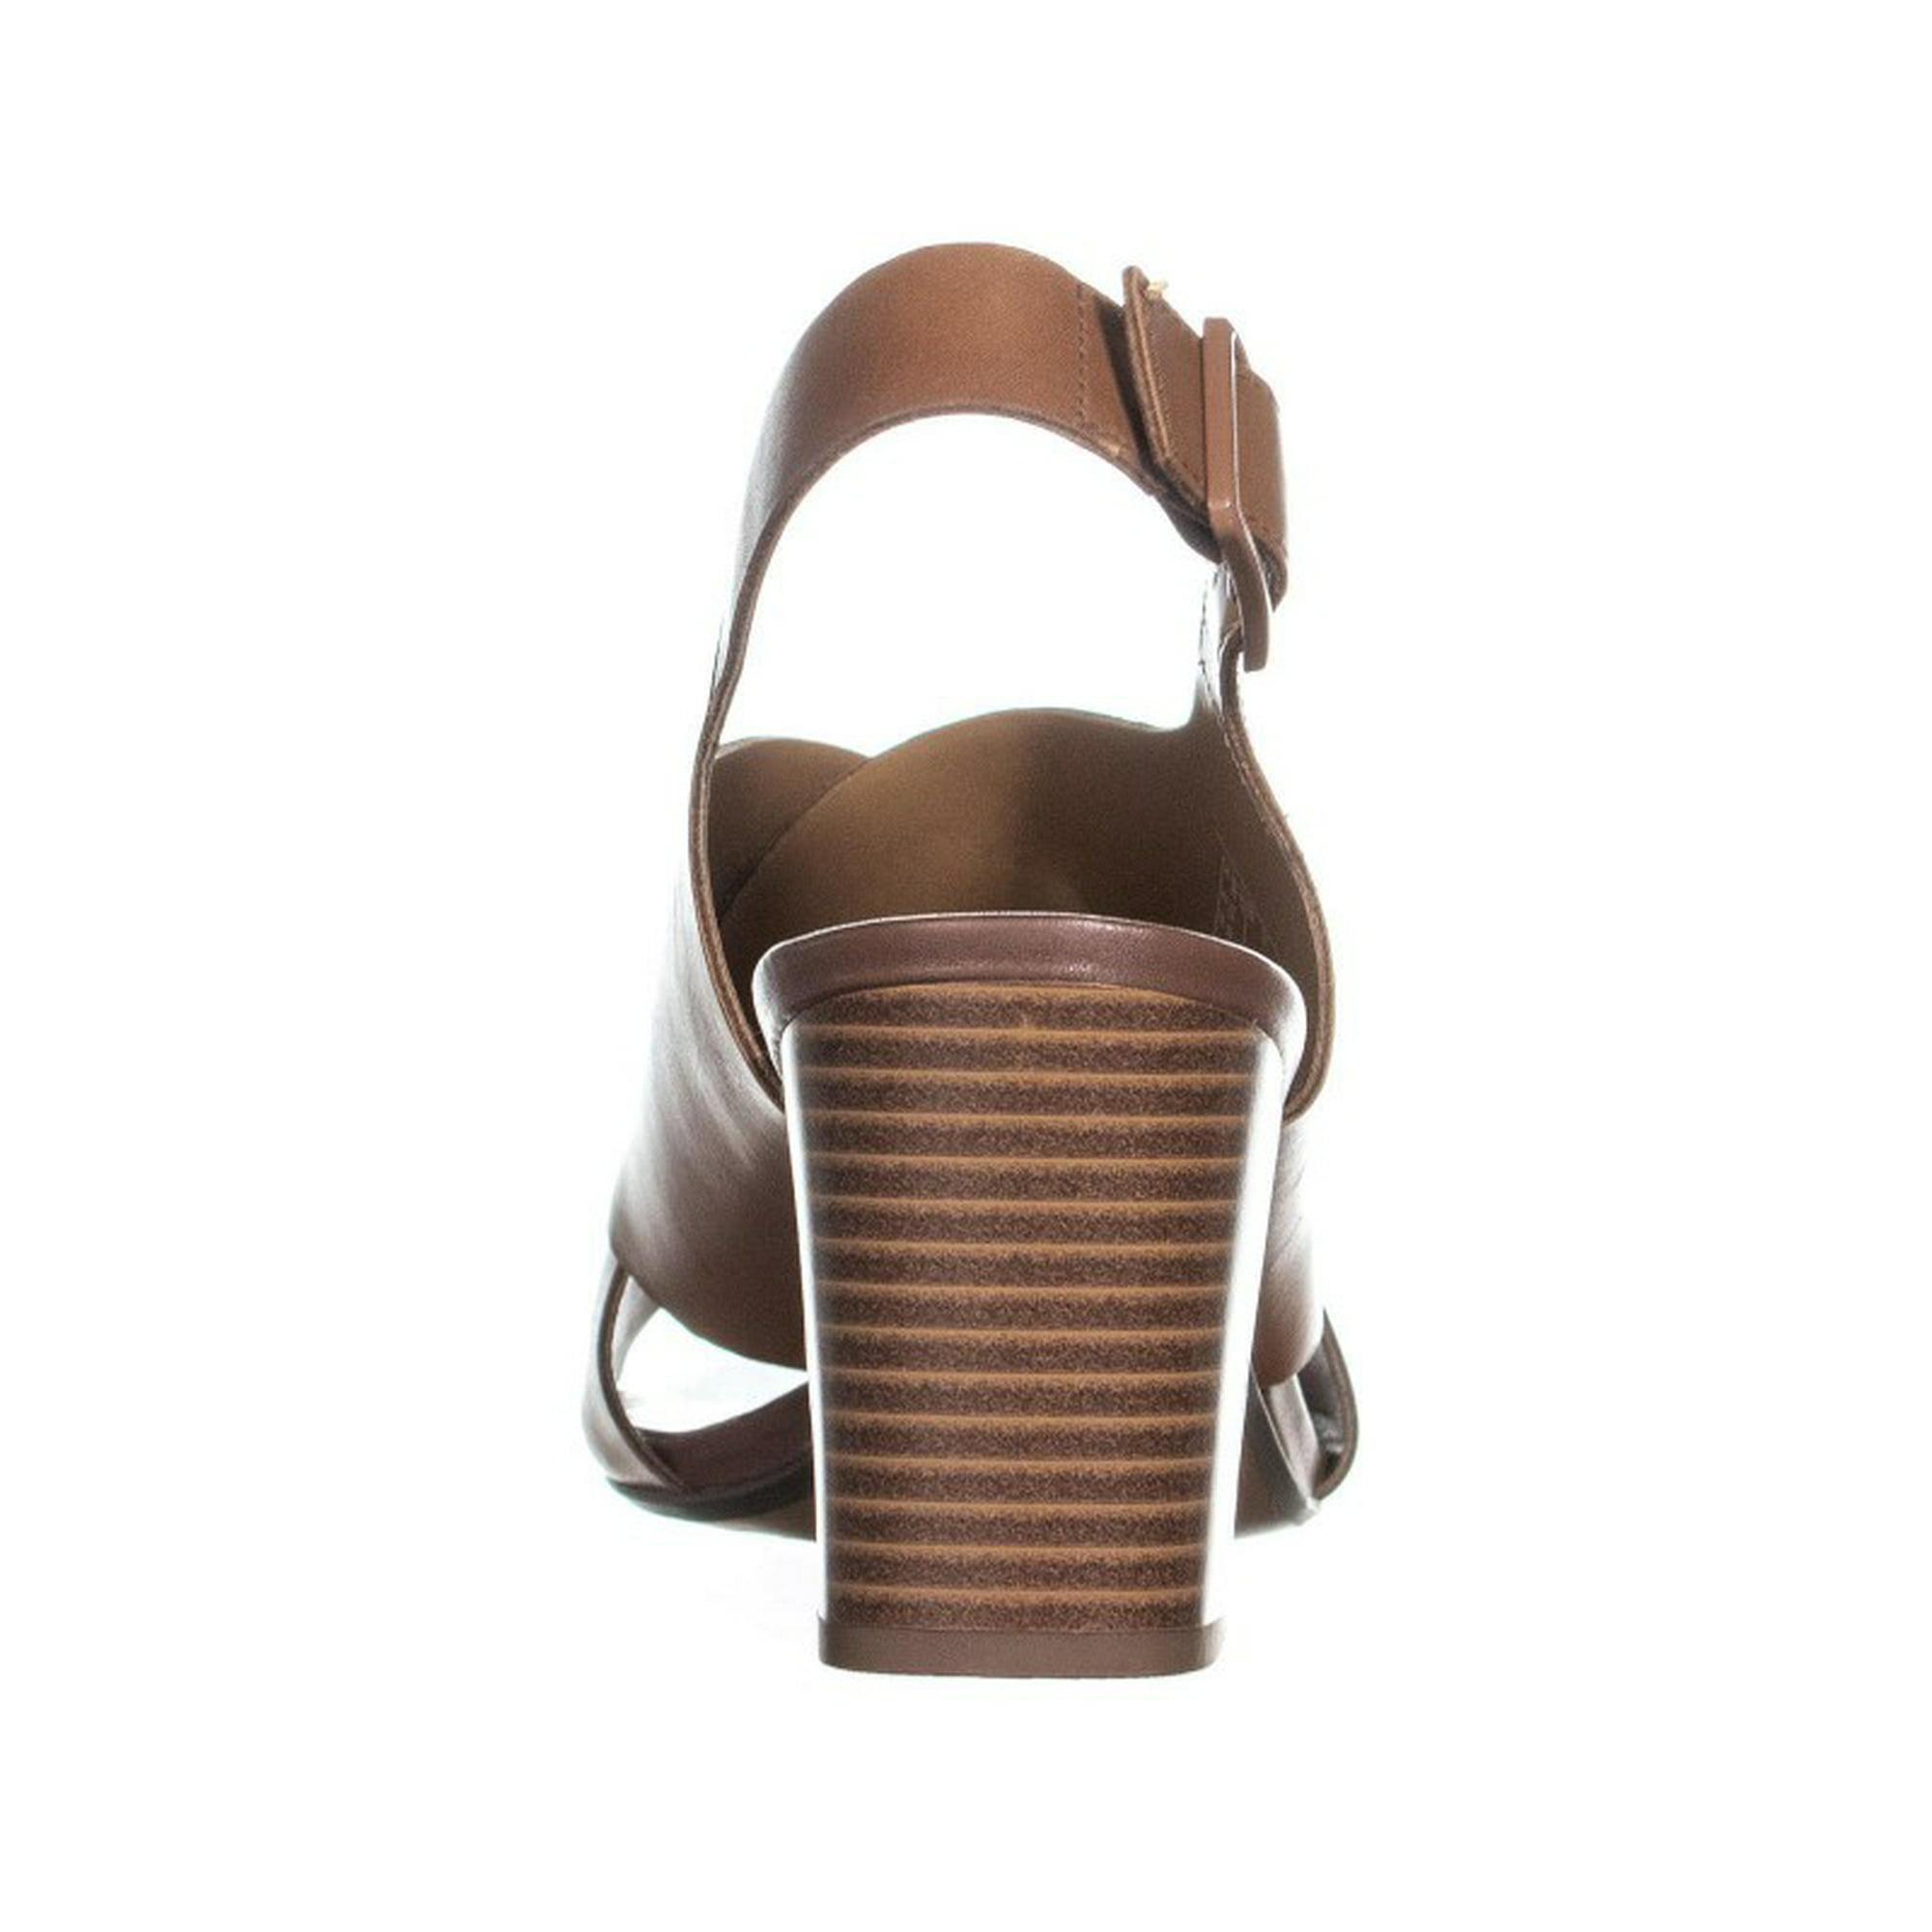 2d0e971d1fd Clarks Deva Janie Block Heel Sandals